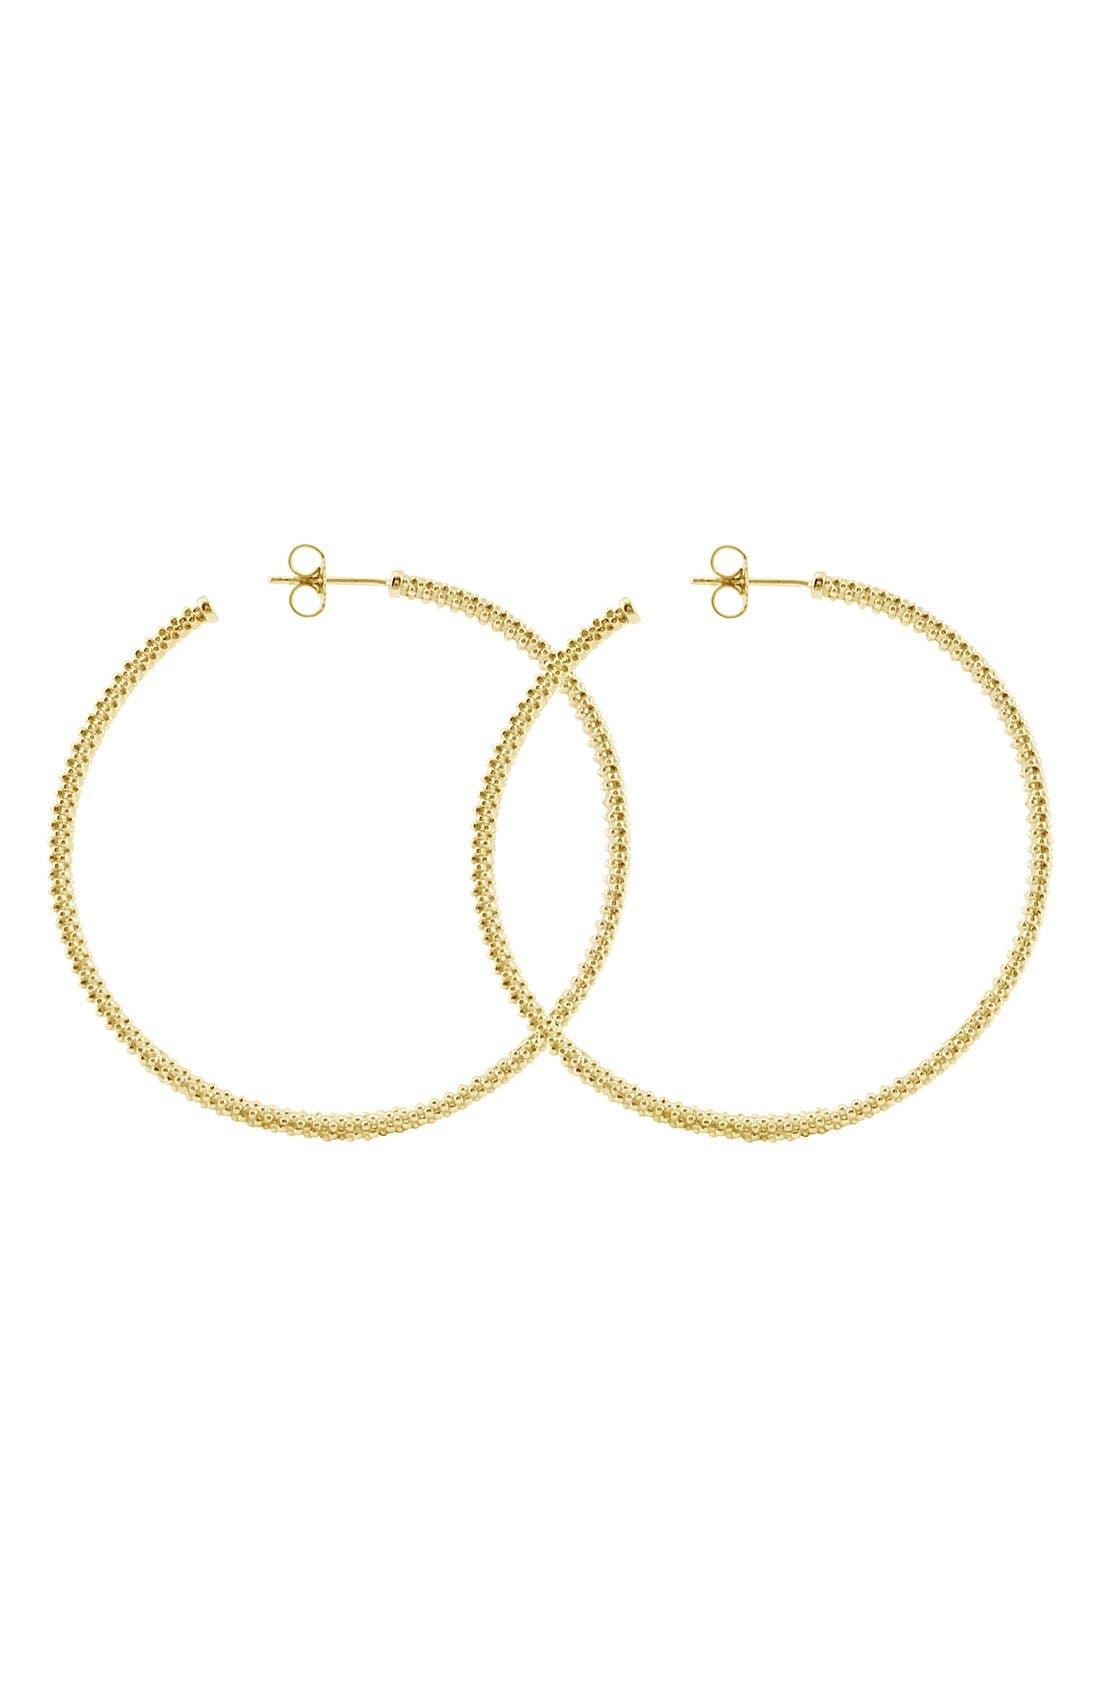 LAGOS 18K Large Hoop Earrings